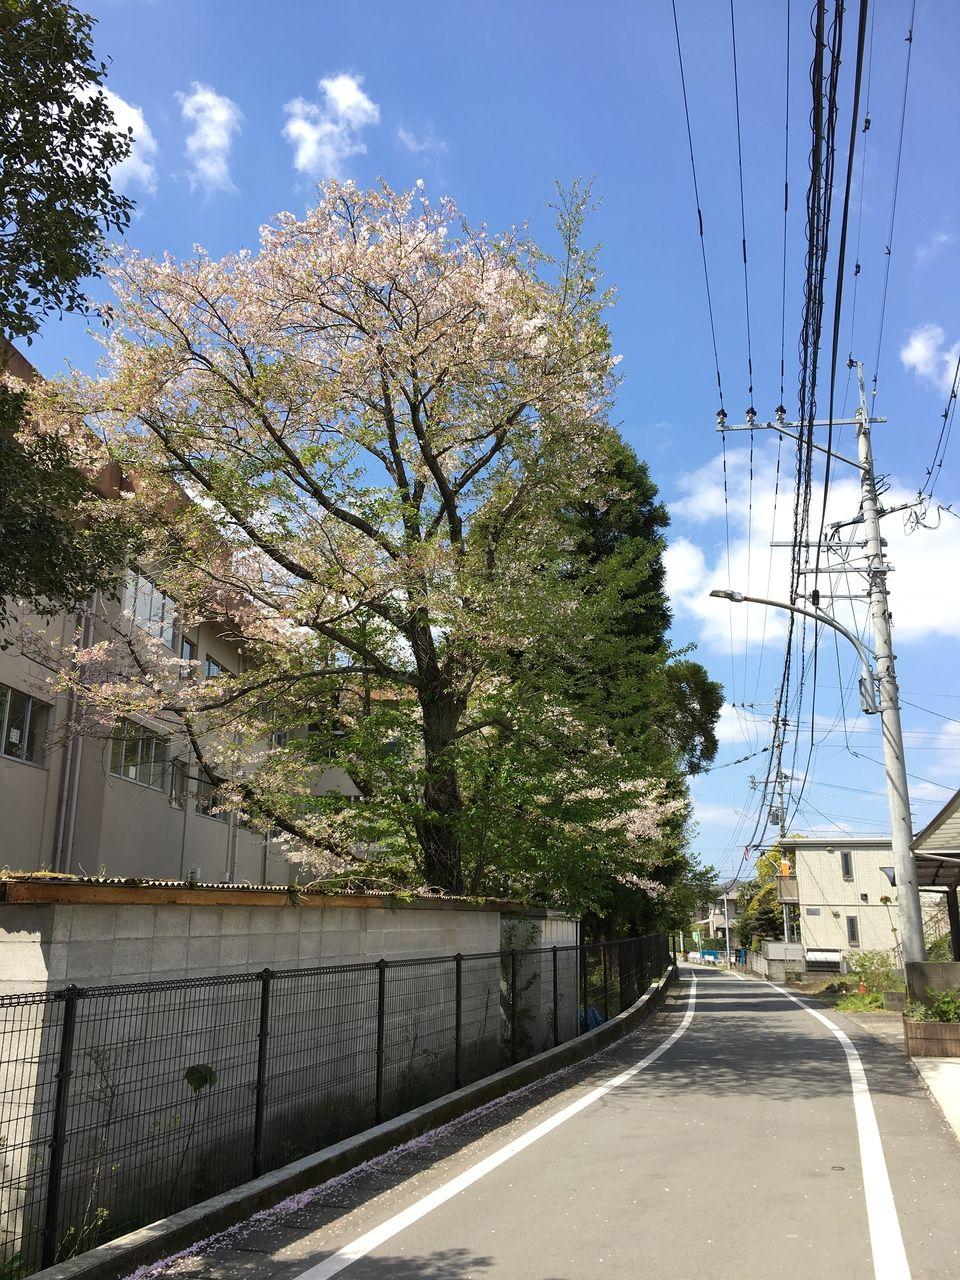 秋津小校舎北側に咲く桜の木